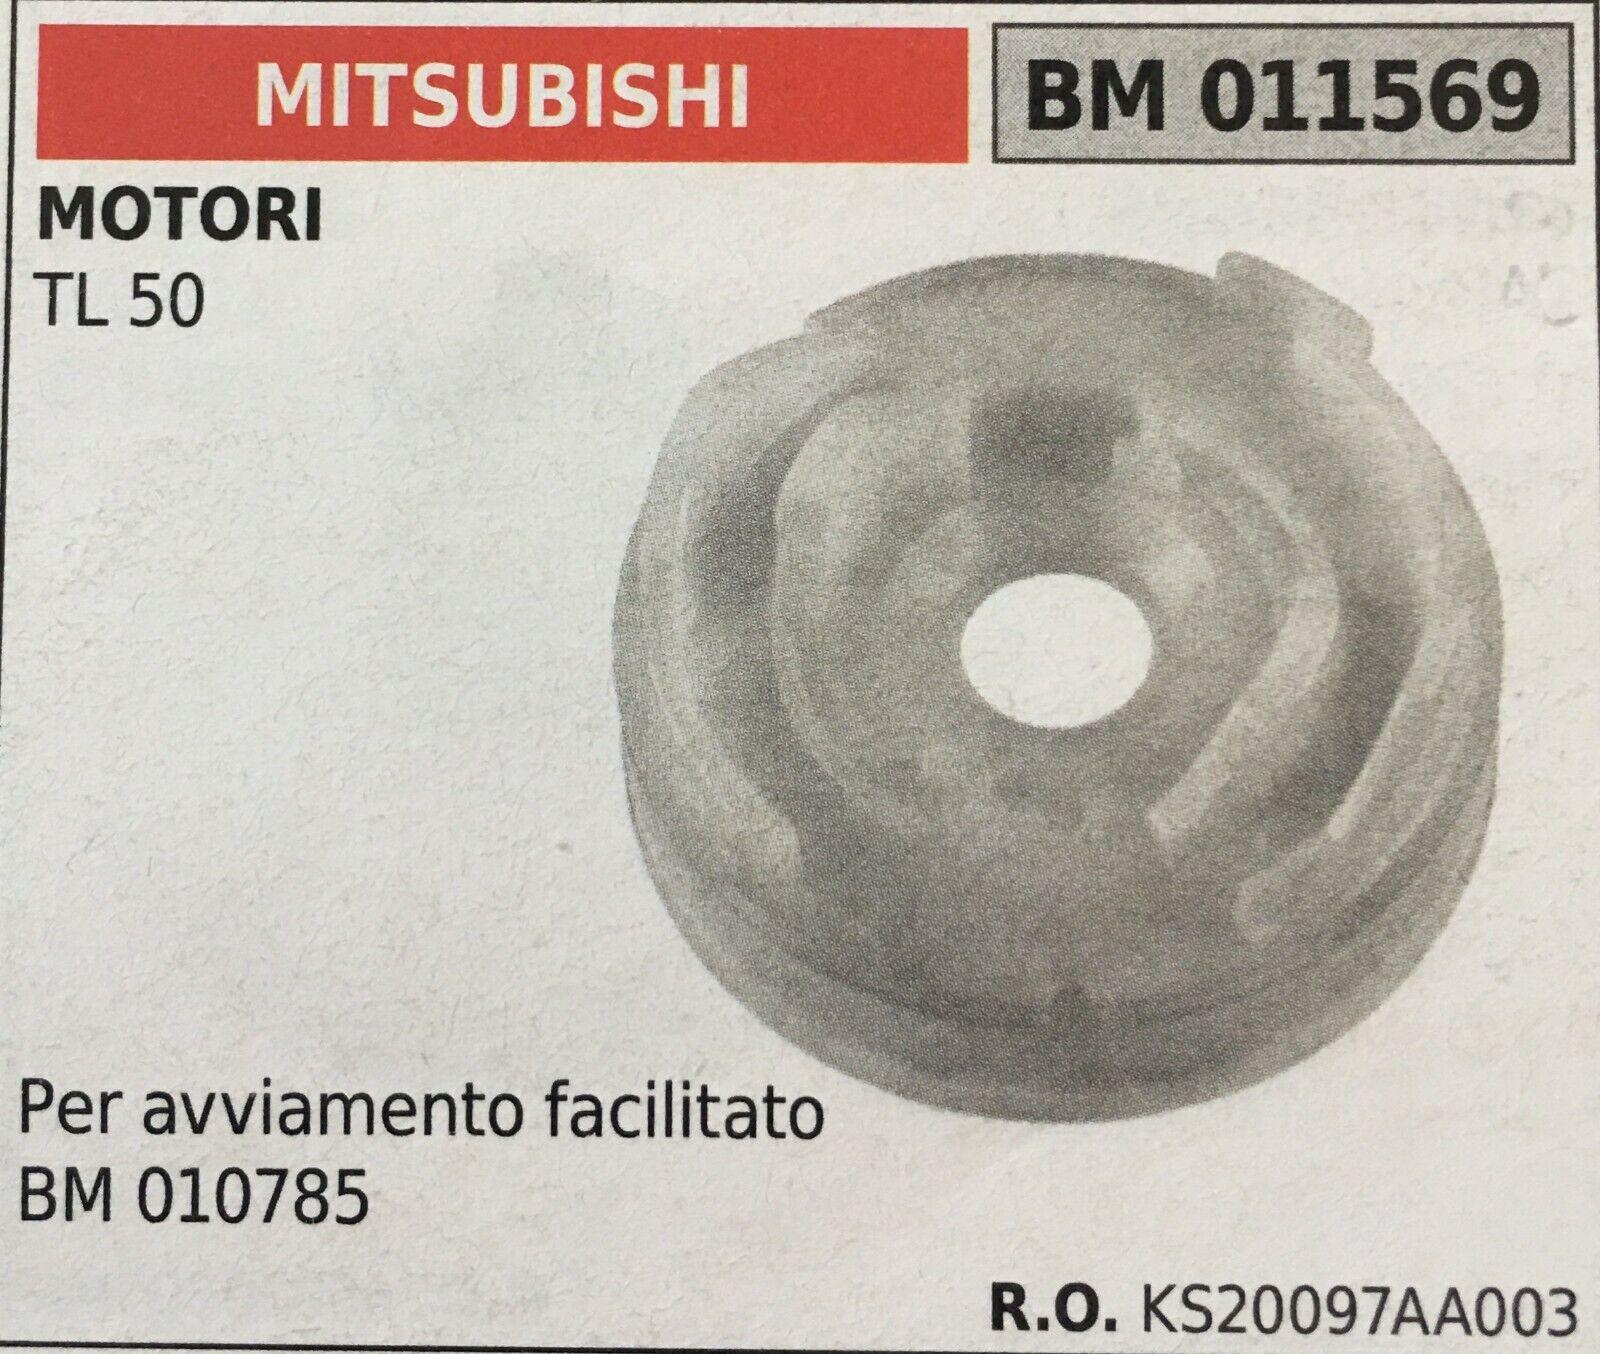 PULEGGIA AVVIAMENTO BRUMAR MITSUBISHI BM011569